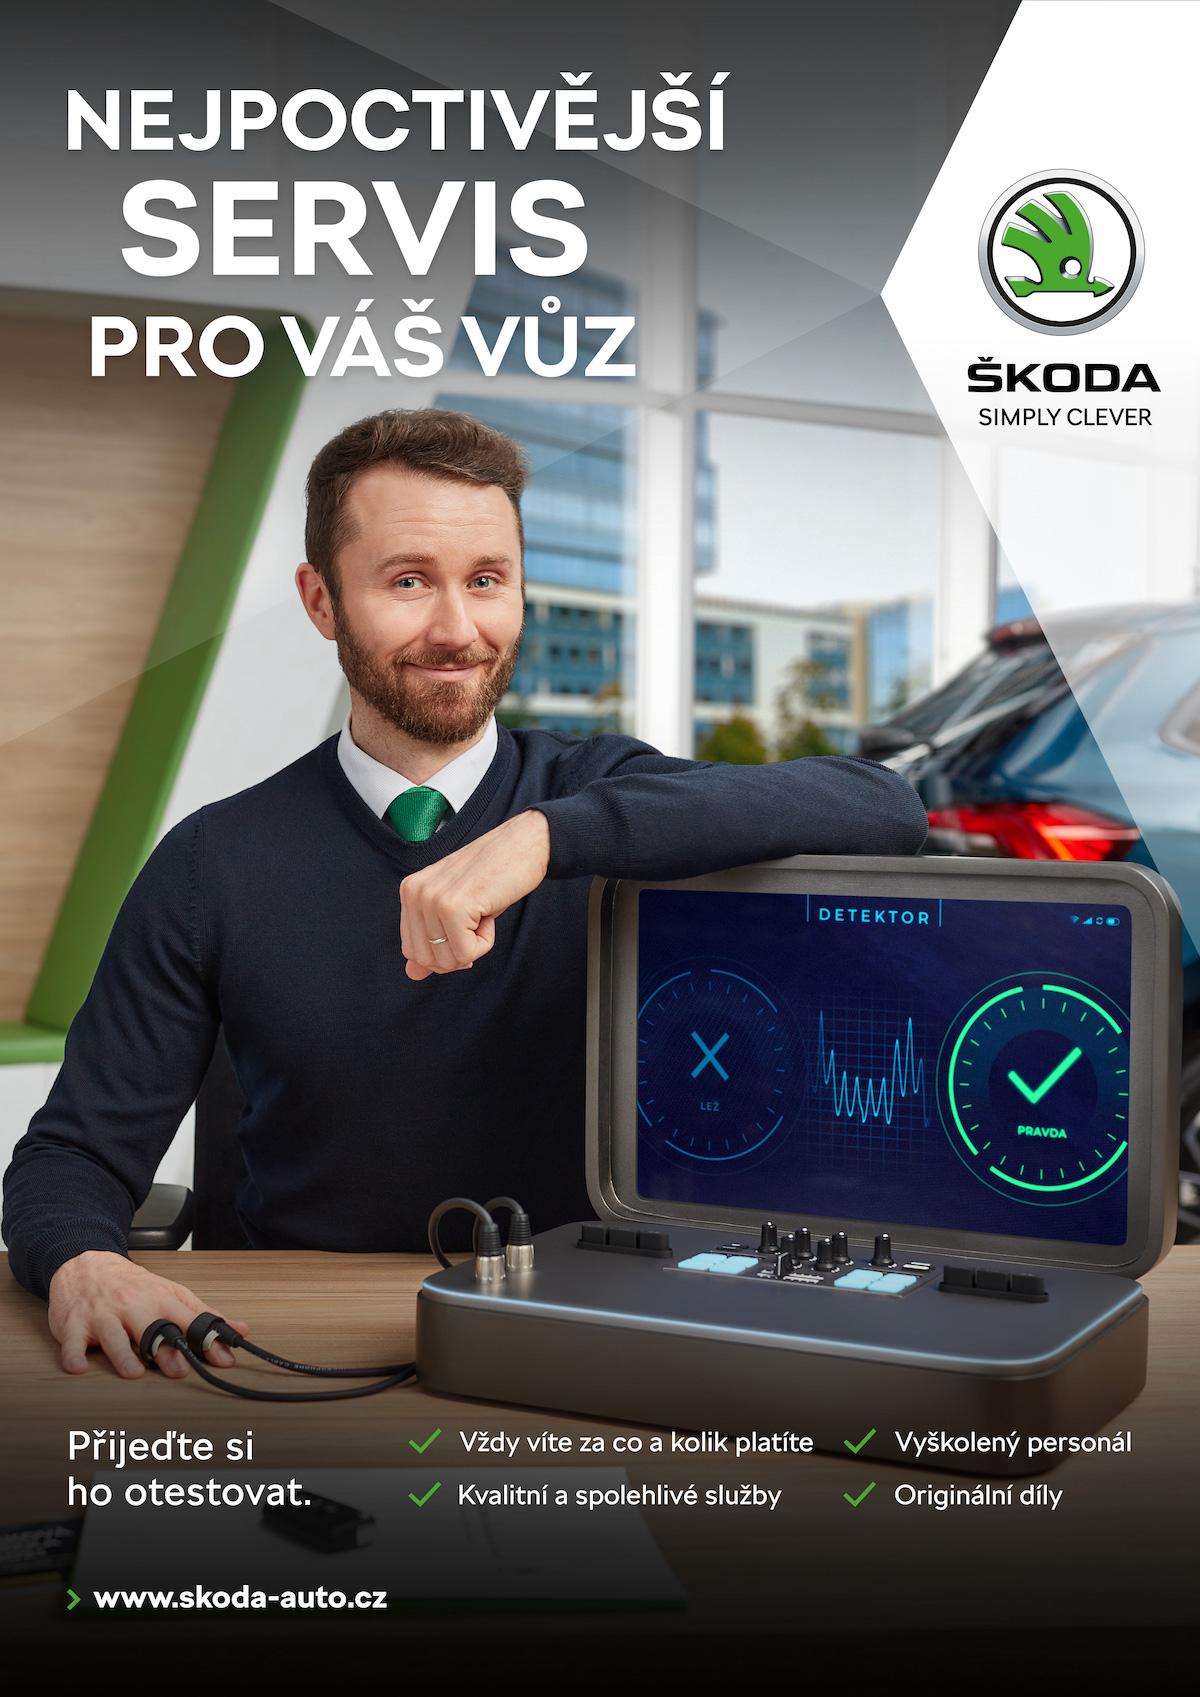 Škoda Auto: Nejpoctivější servis pro váš vůz (Leo Burnett)